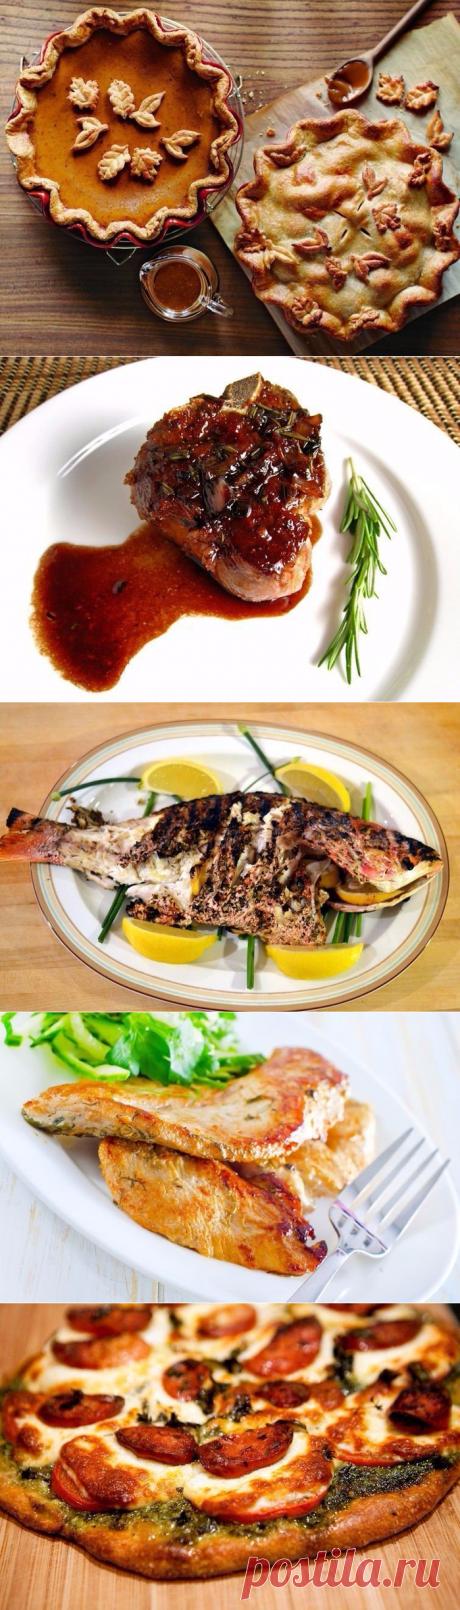 Ошибки хозяек при приготовлении блюд